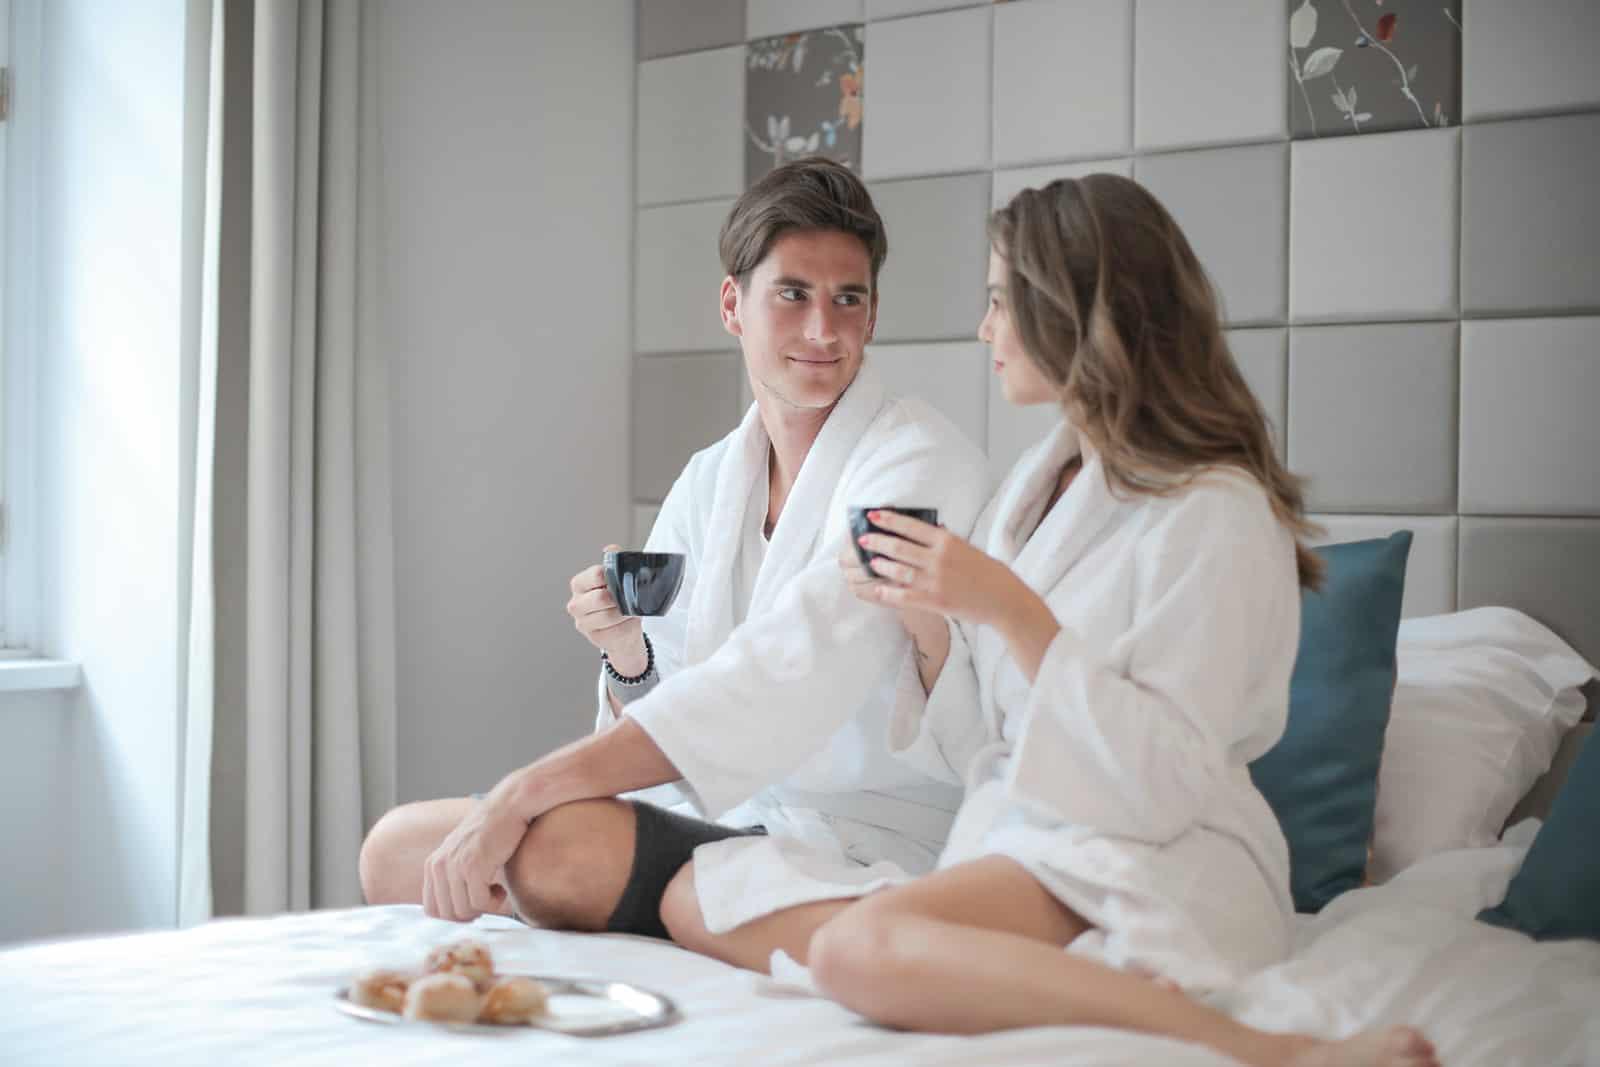 Paar sitzt auf dem Bett und trinkt Kaffee in einem Hotelzimmer